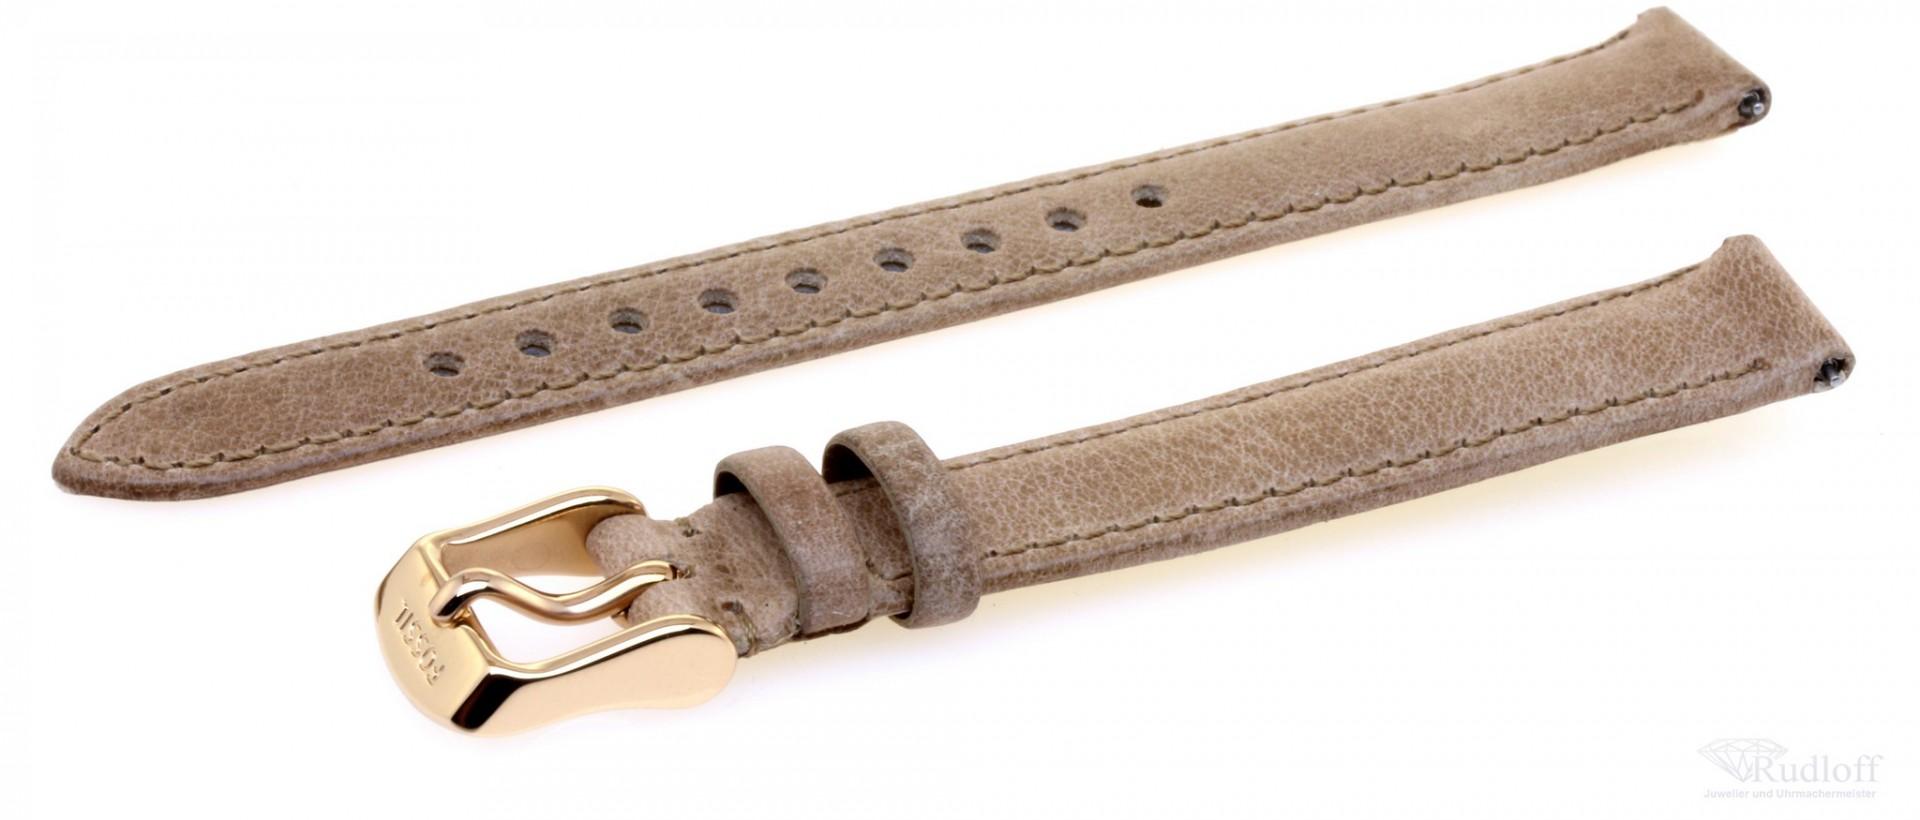 d08724156c09 Fossil Original Lederband Ersatzband Armband ES3133 ohne Uhr m Federstegen  12mm 001